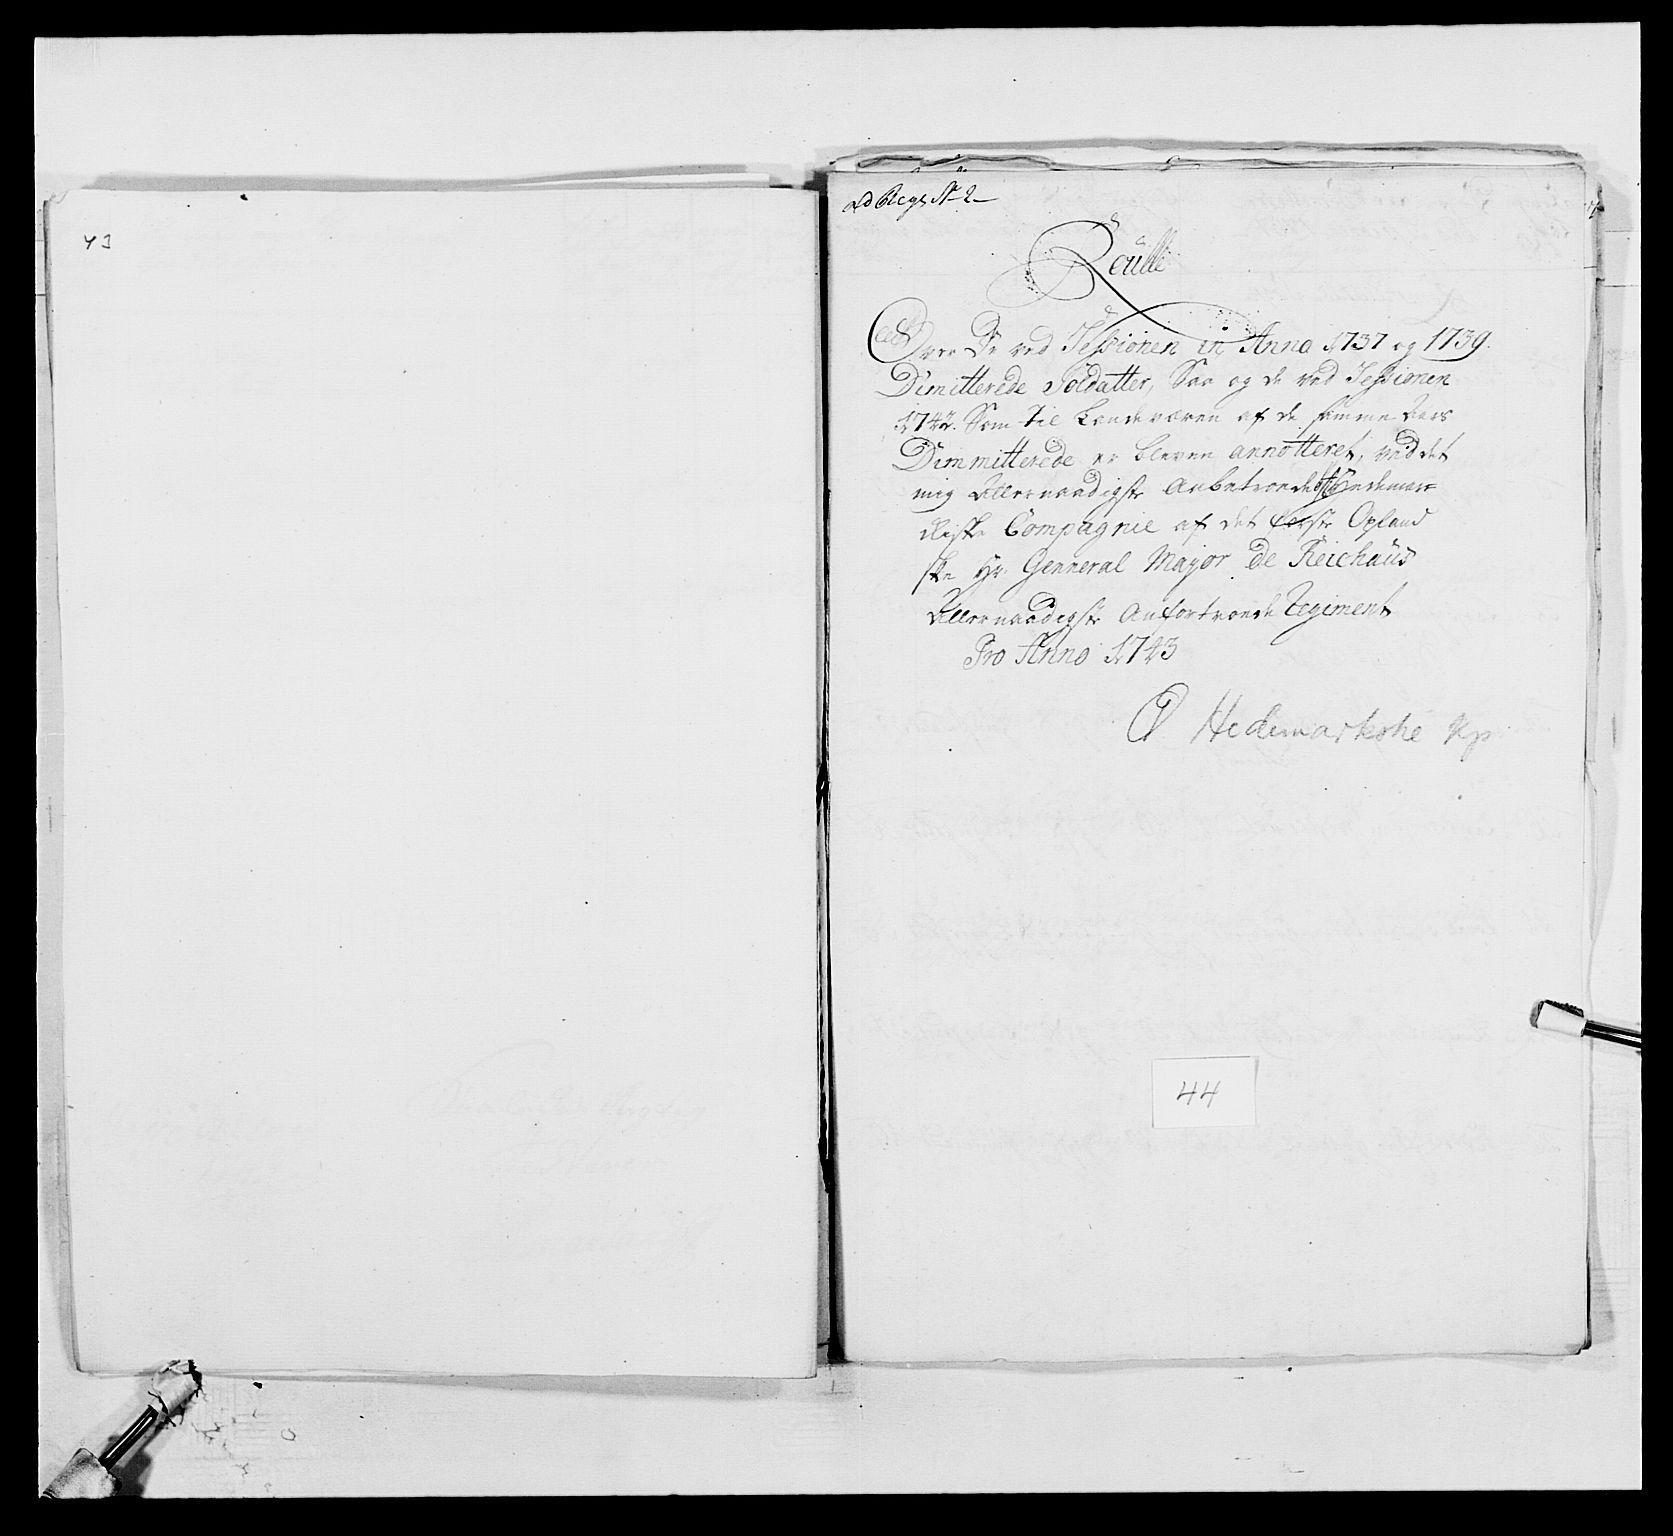 RA, Kommanderende general (KG I) med Det norske krigsdirektorium, E/Ea/L0502: 1. Opplandske regiment, 1720-1743, s. 528